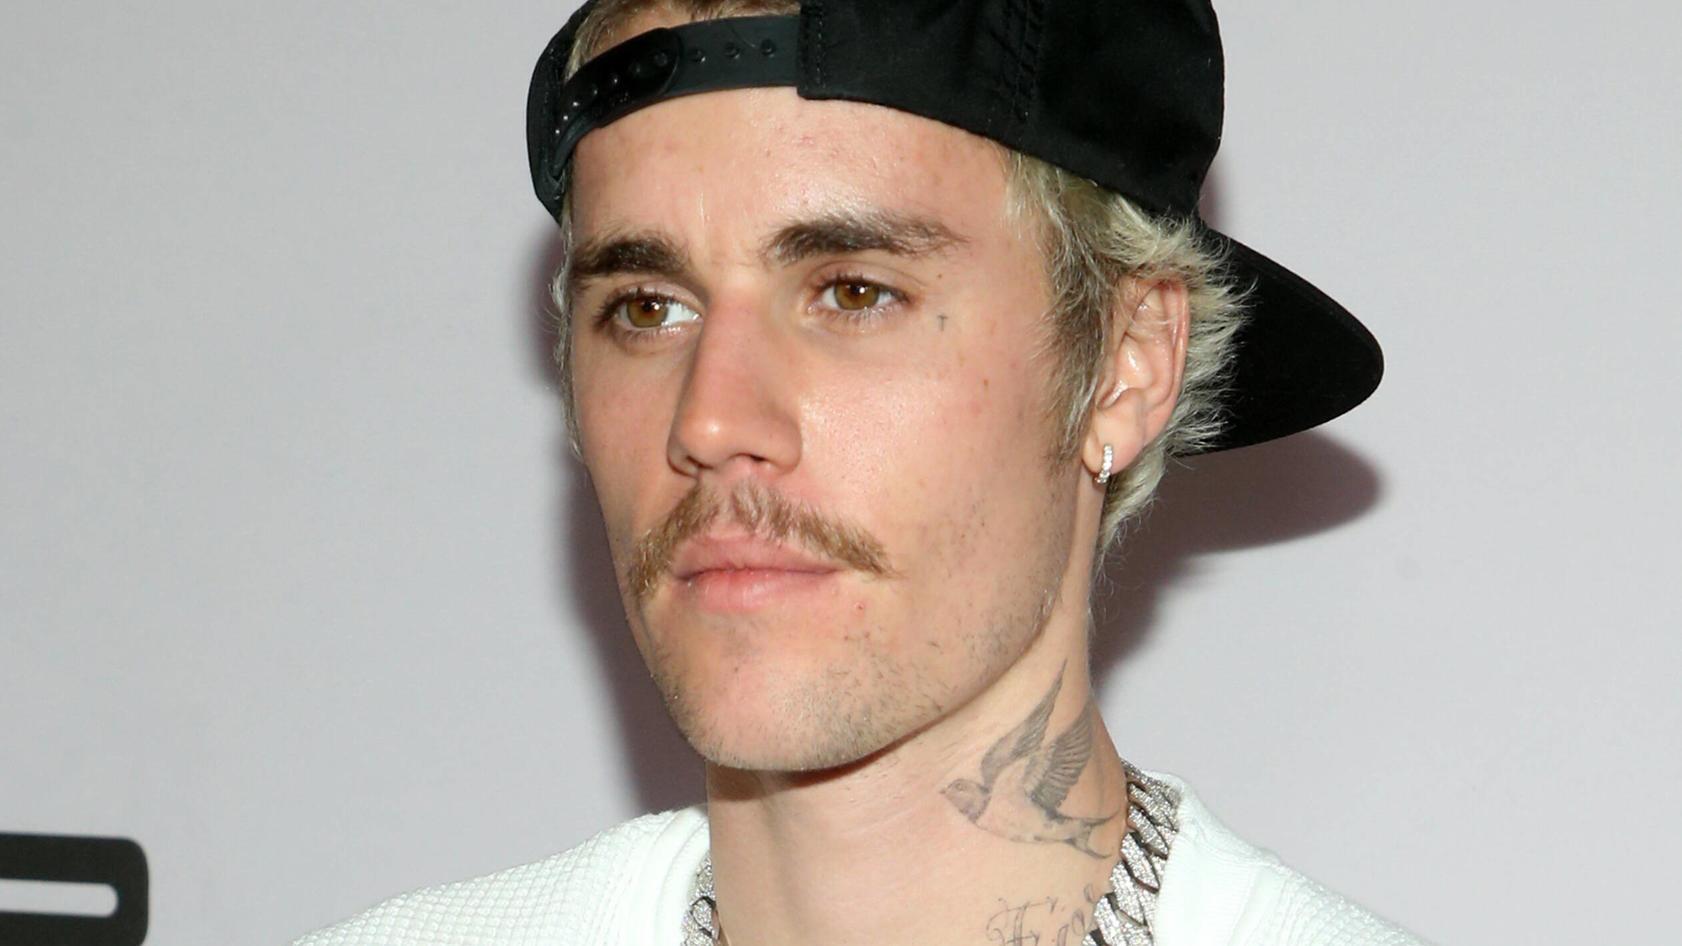 Als Justin Bieber eine geheimnisvolle Telefonnummer auf Twitter postet, rasten die Fans völlig aus.